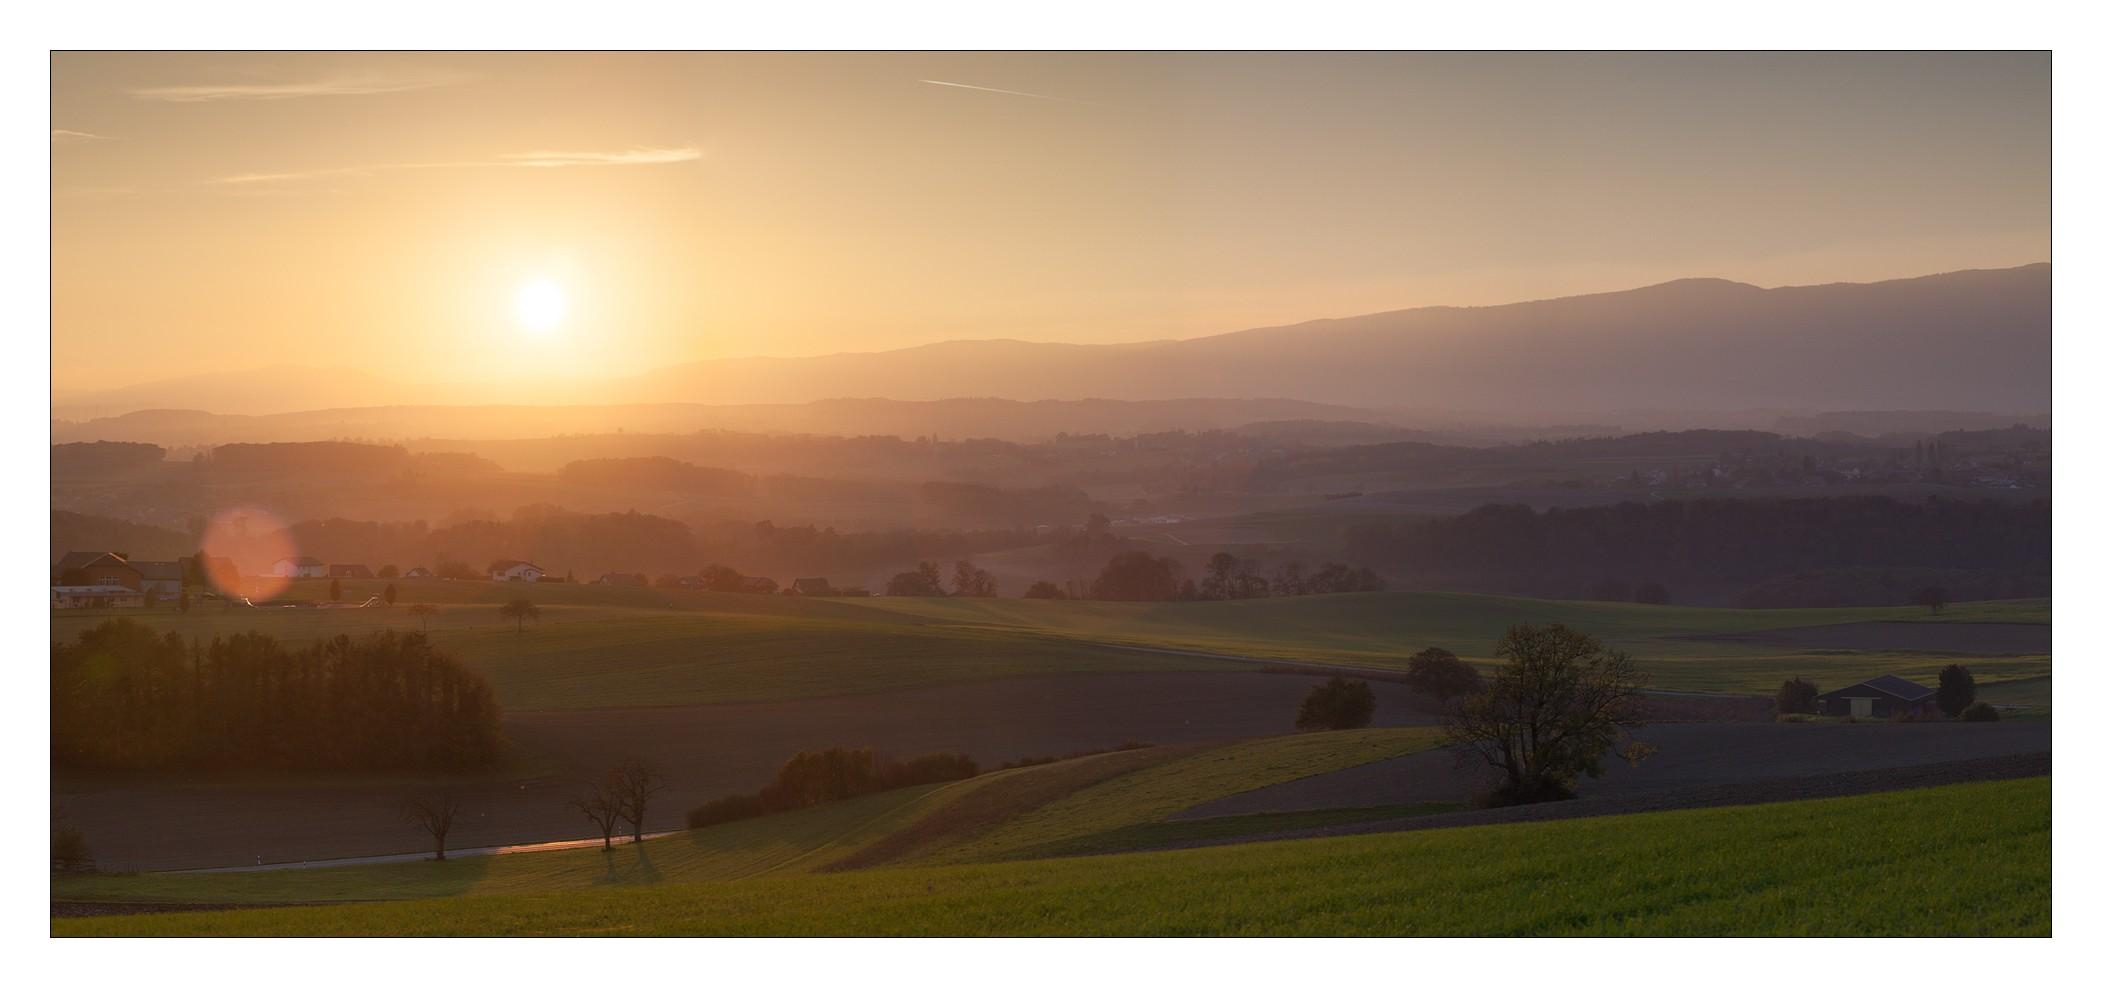 Couché de soleil sur la plaine brumeuse.